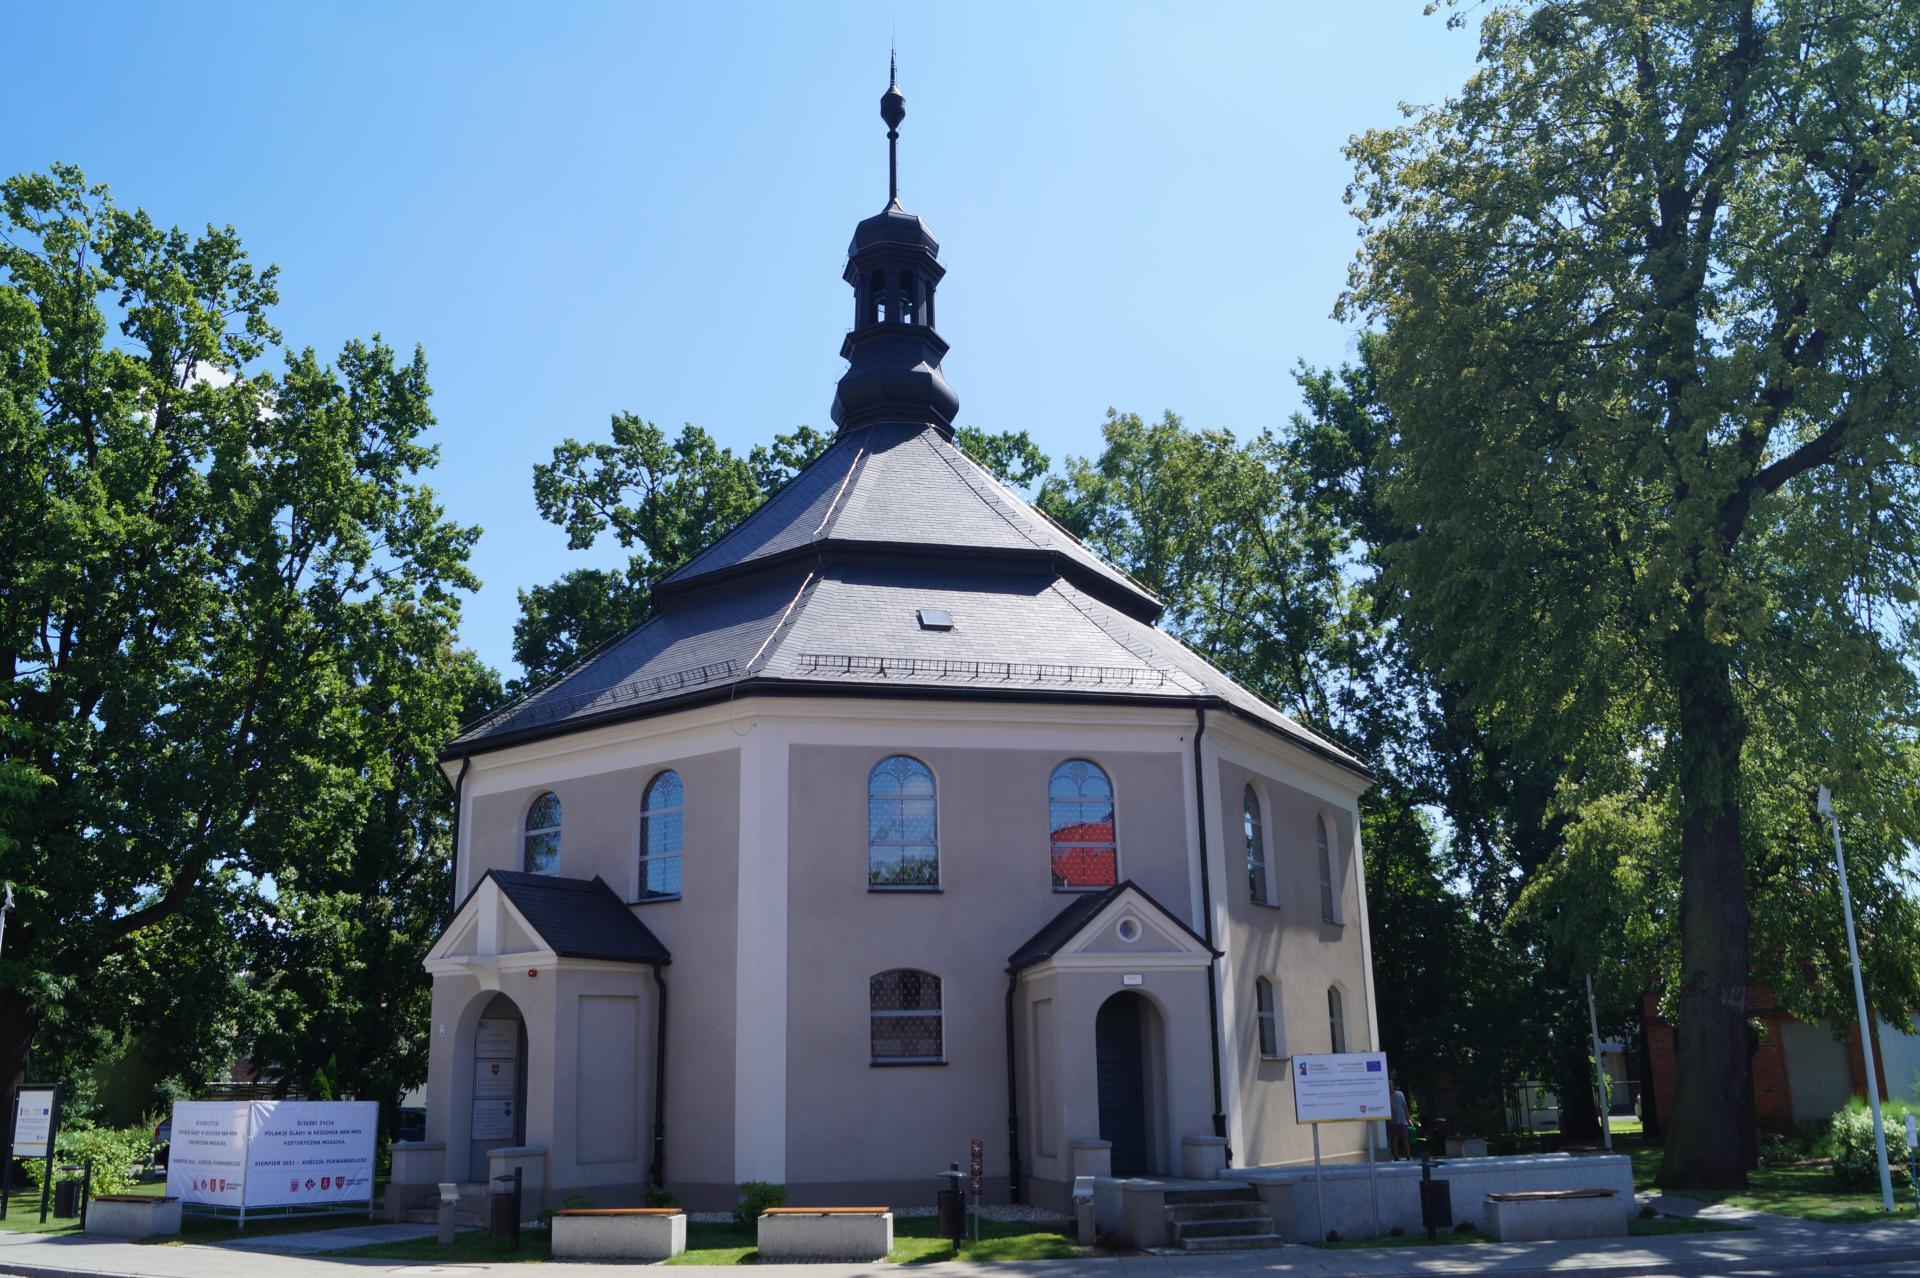 Wystawa Ścieżki życia - Polskie ślady w regionie Ren-Men. Historyczna mozaika